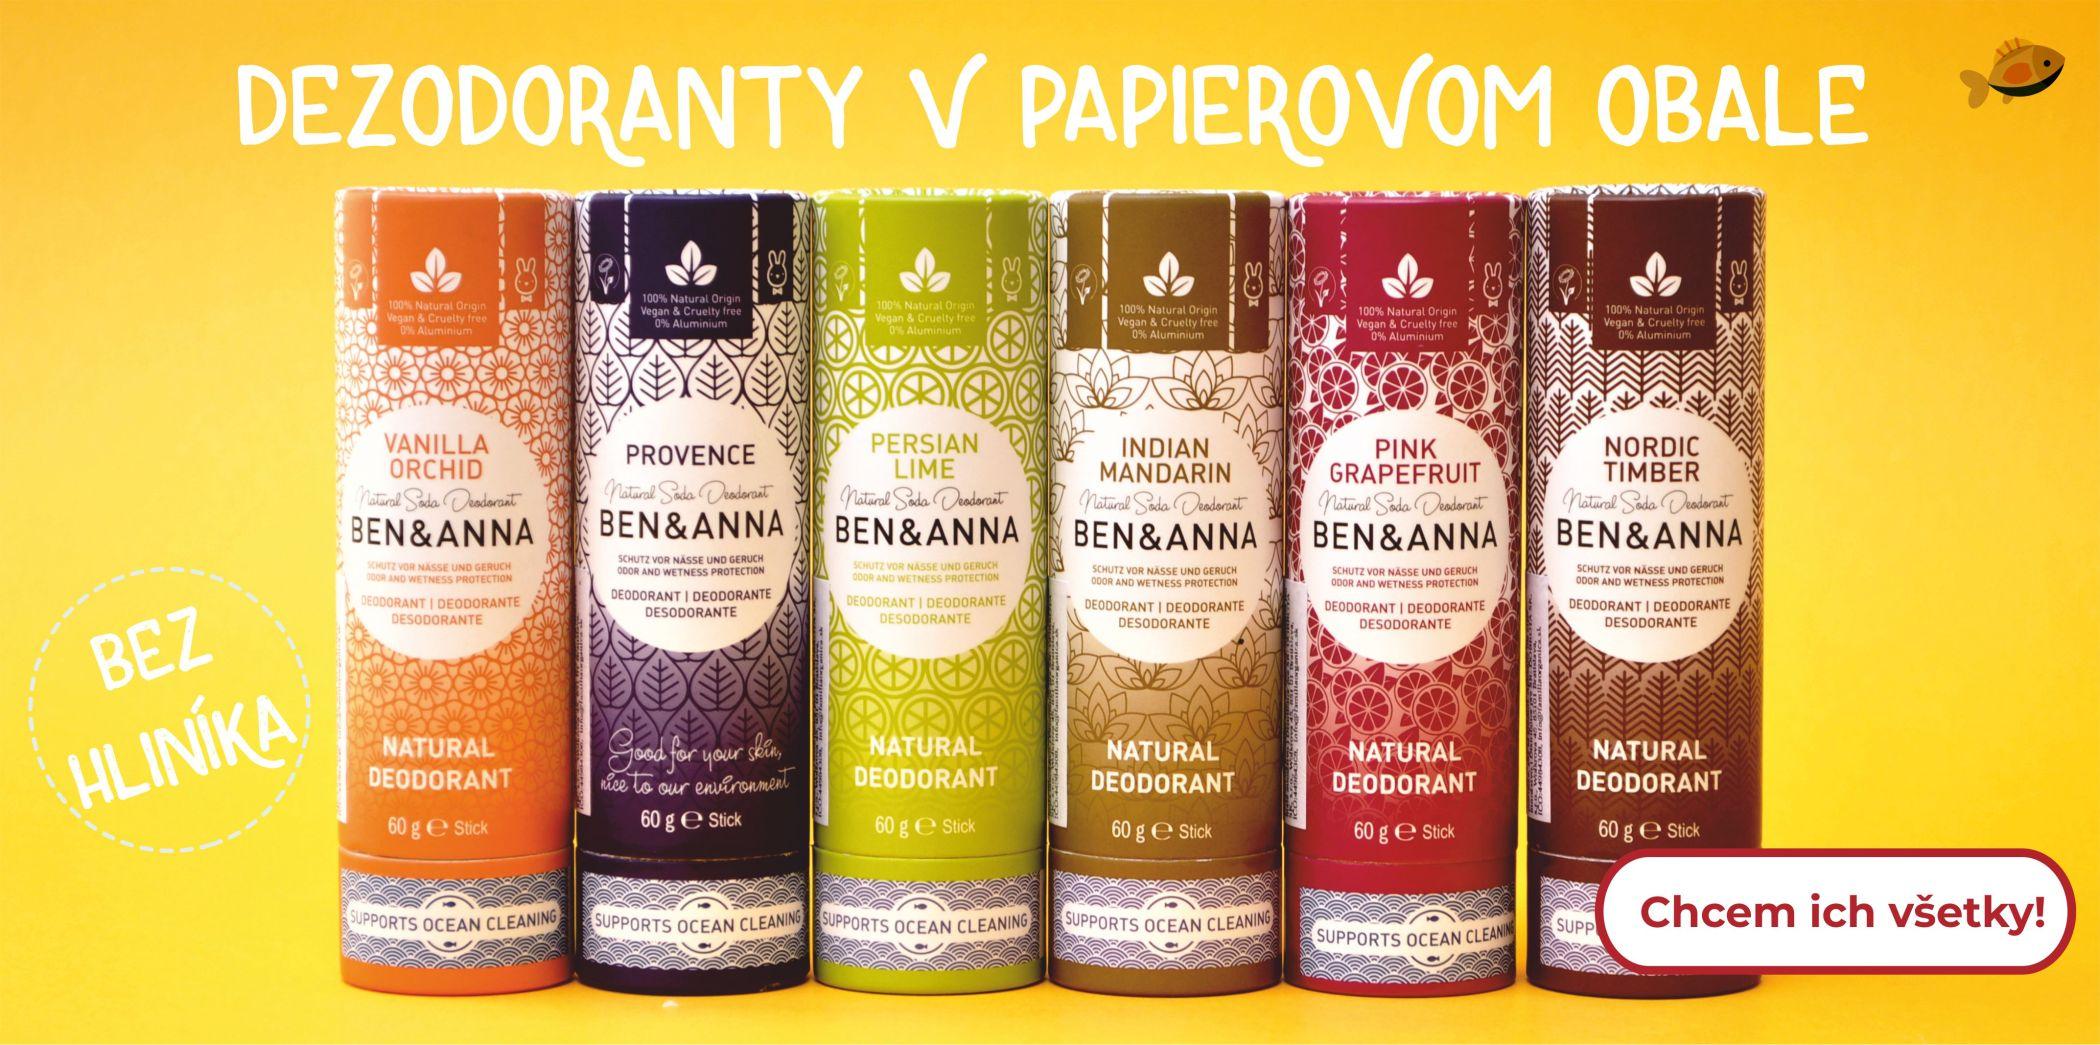 Prírodné deodoranty bez hliníka v papierovom obale